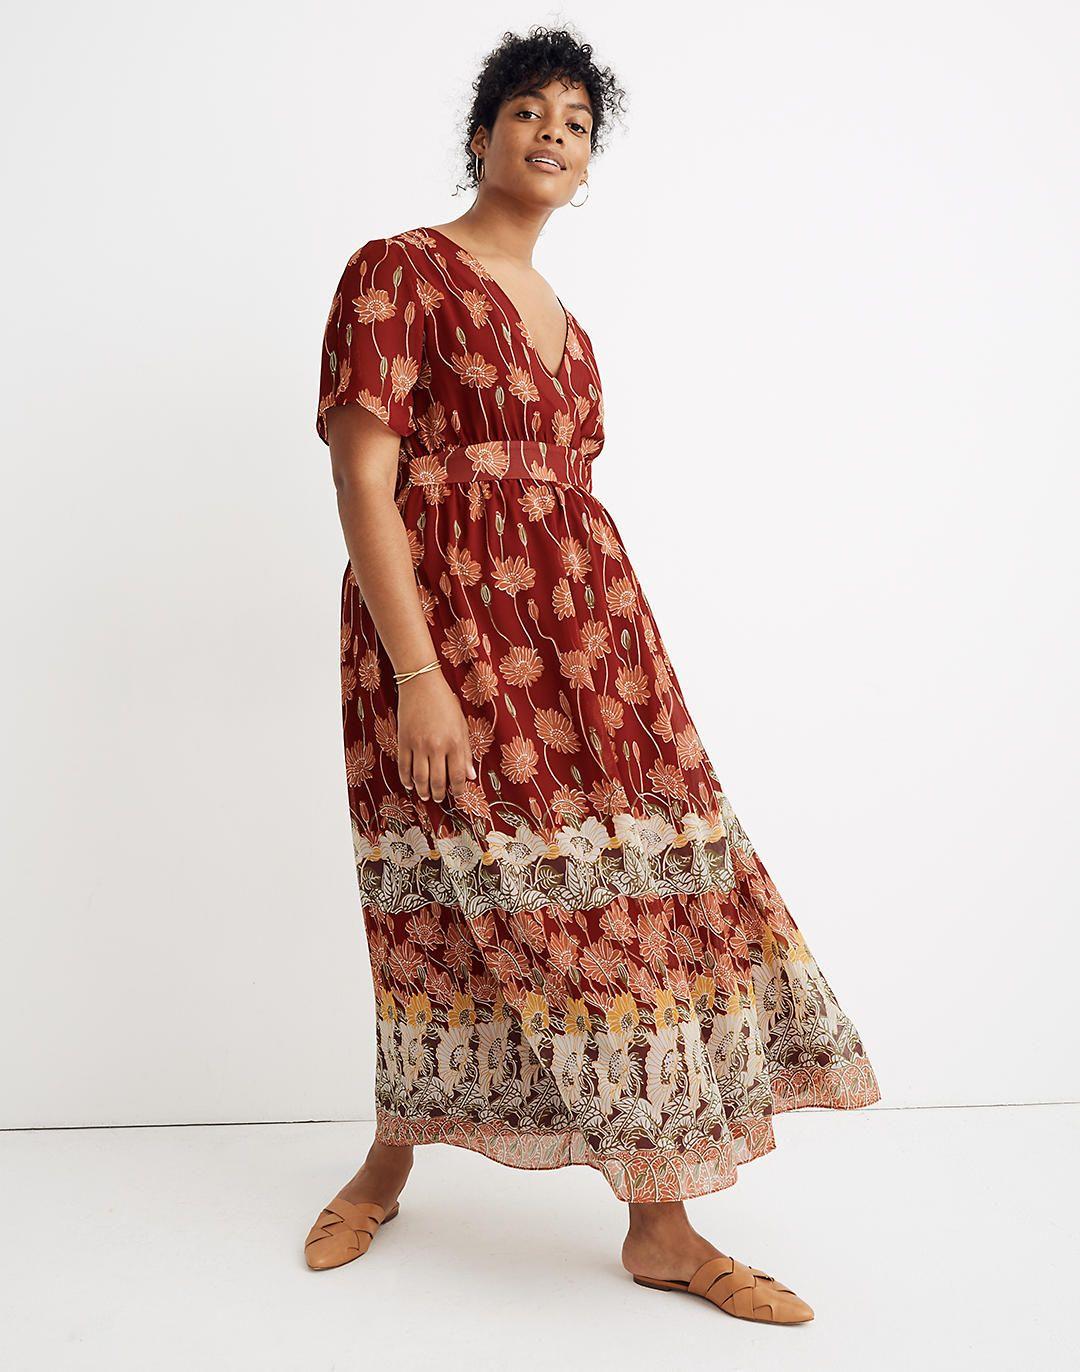 Tulip Sleeve Maxi Dress In Tall Sunflowers Maxi Dress With Sleeves Maxi Dress Plus Size Spring Dresses [ 1372 x 1080 Pixel ]